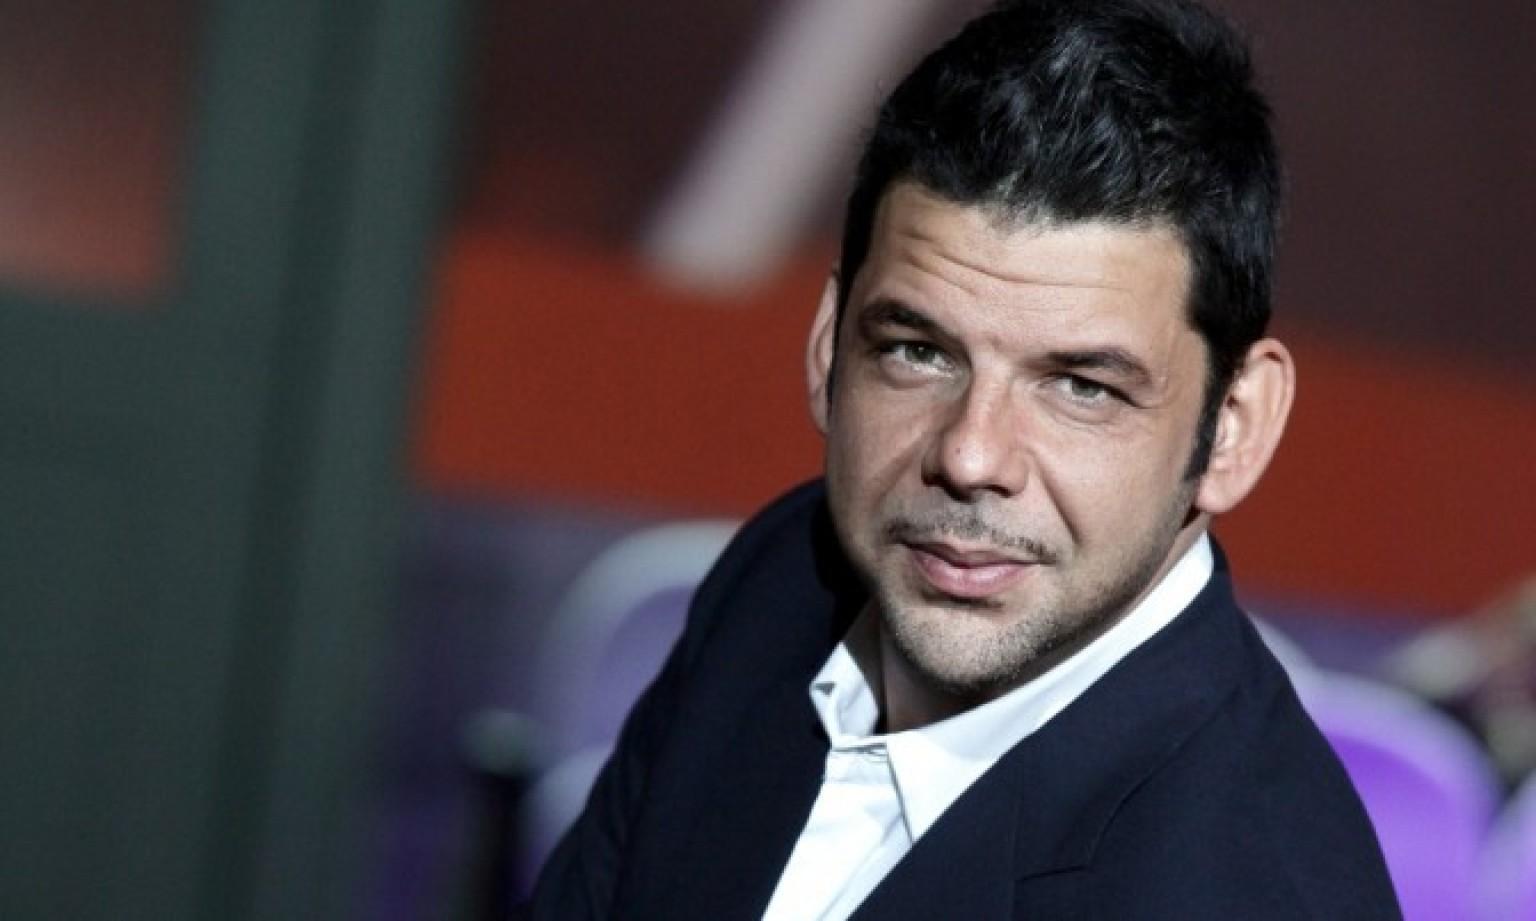 Salvo Sottile, scontro a distanza con il direttore di Videonews Mario Giordano